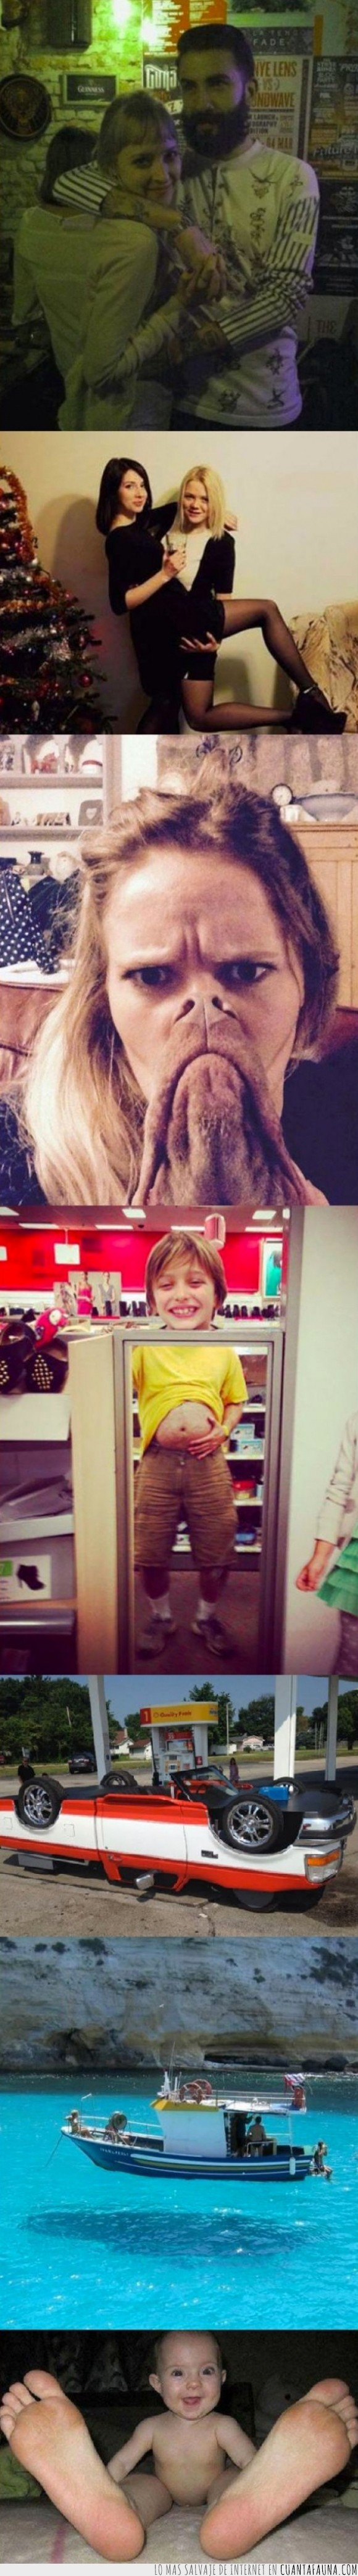 bebé,cerebro troll,coche,divertido,fotografías,ilusión,juego,perro,retrato,superposición